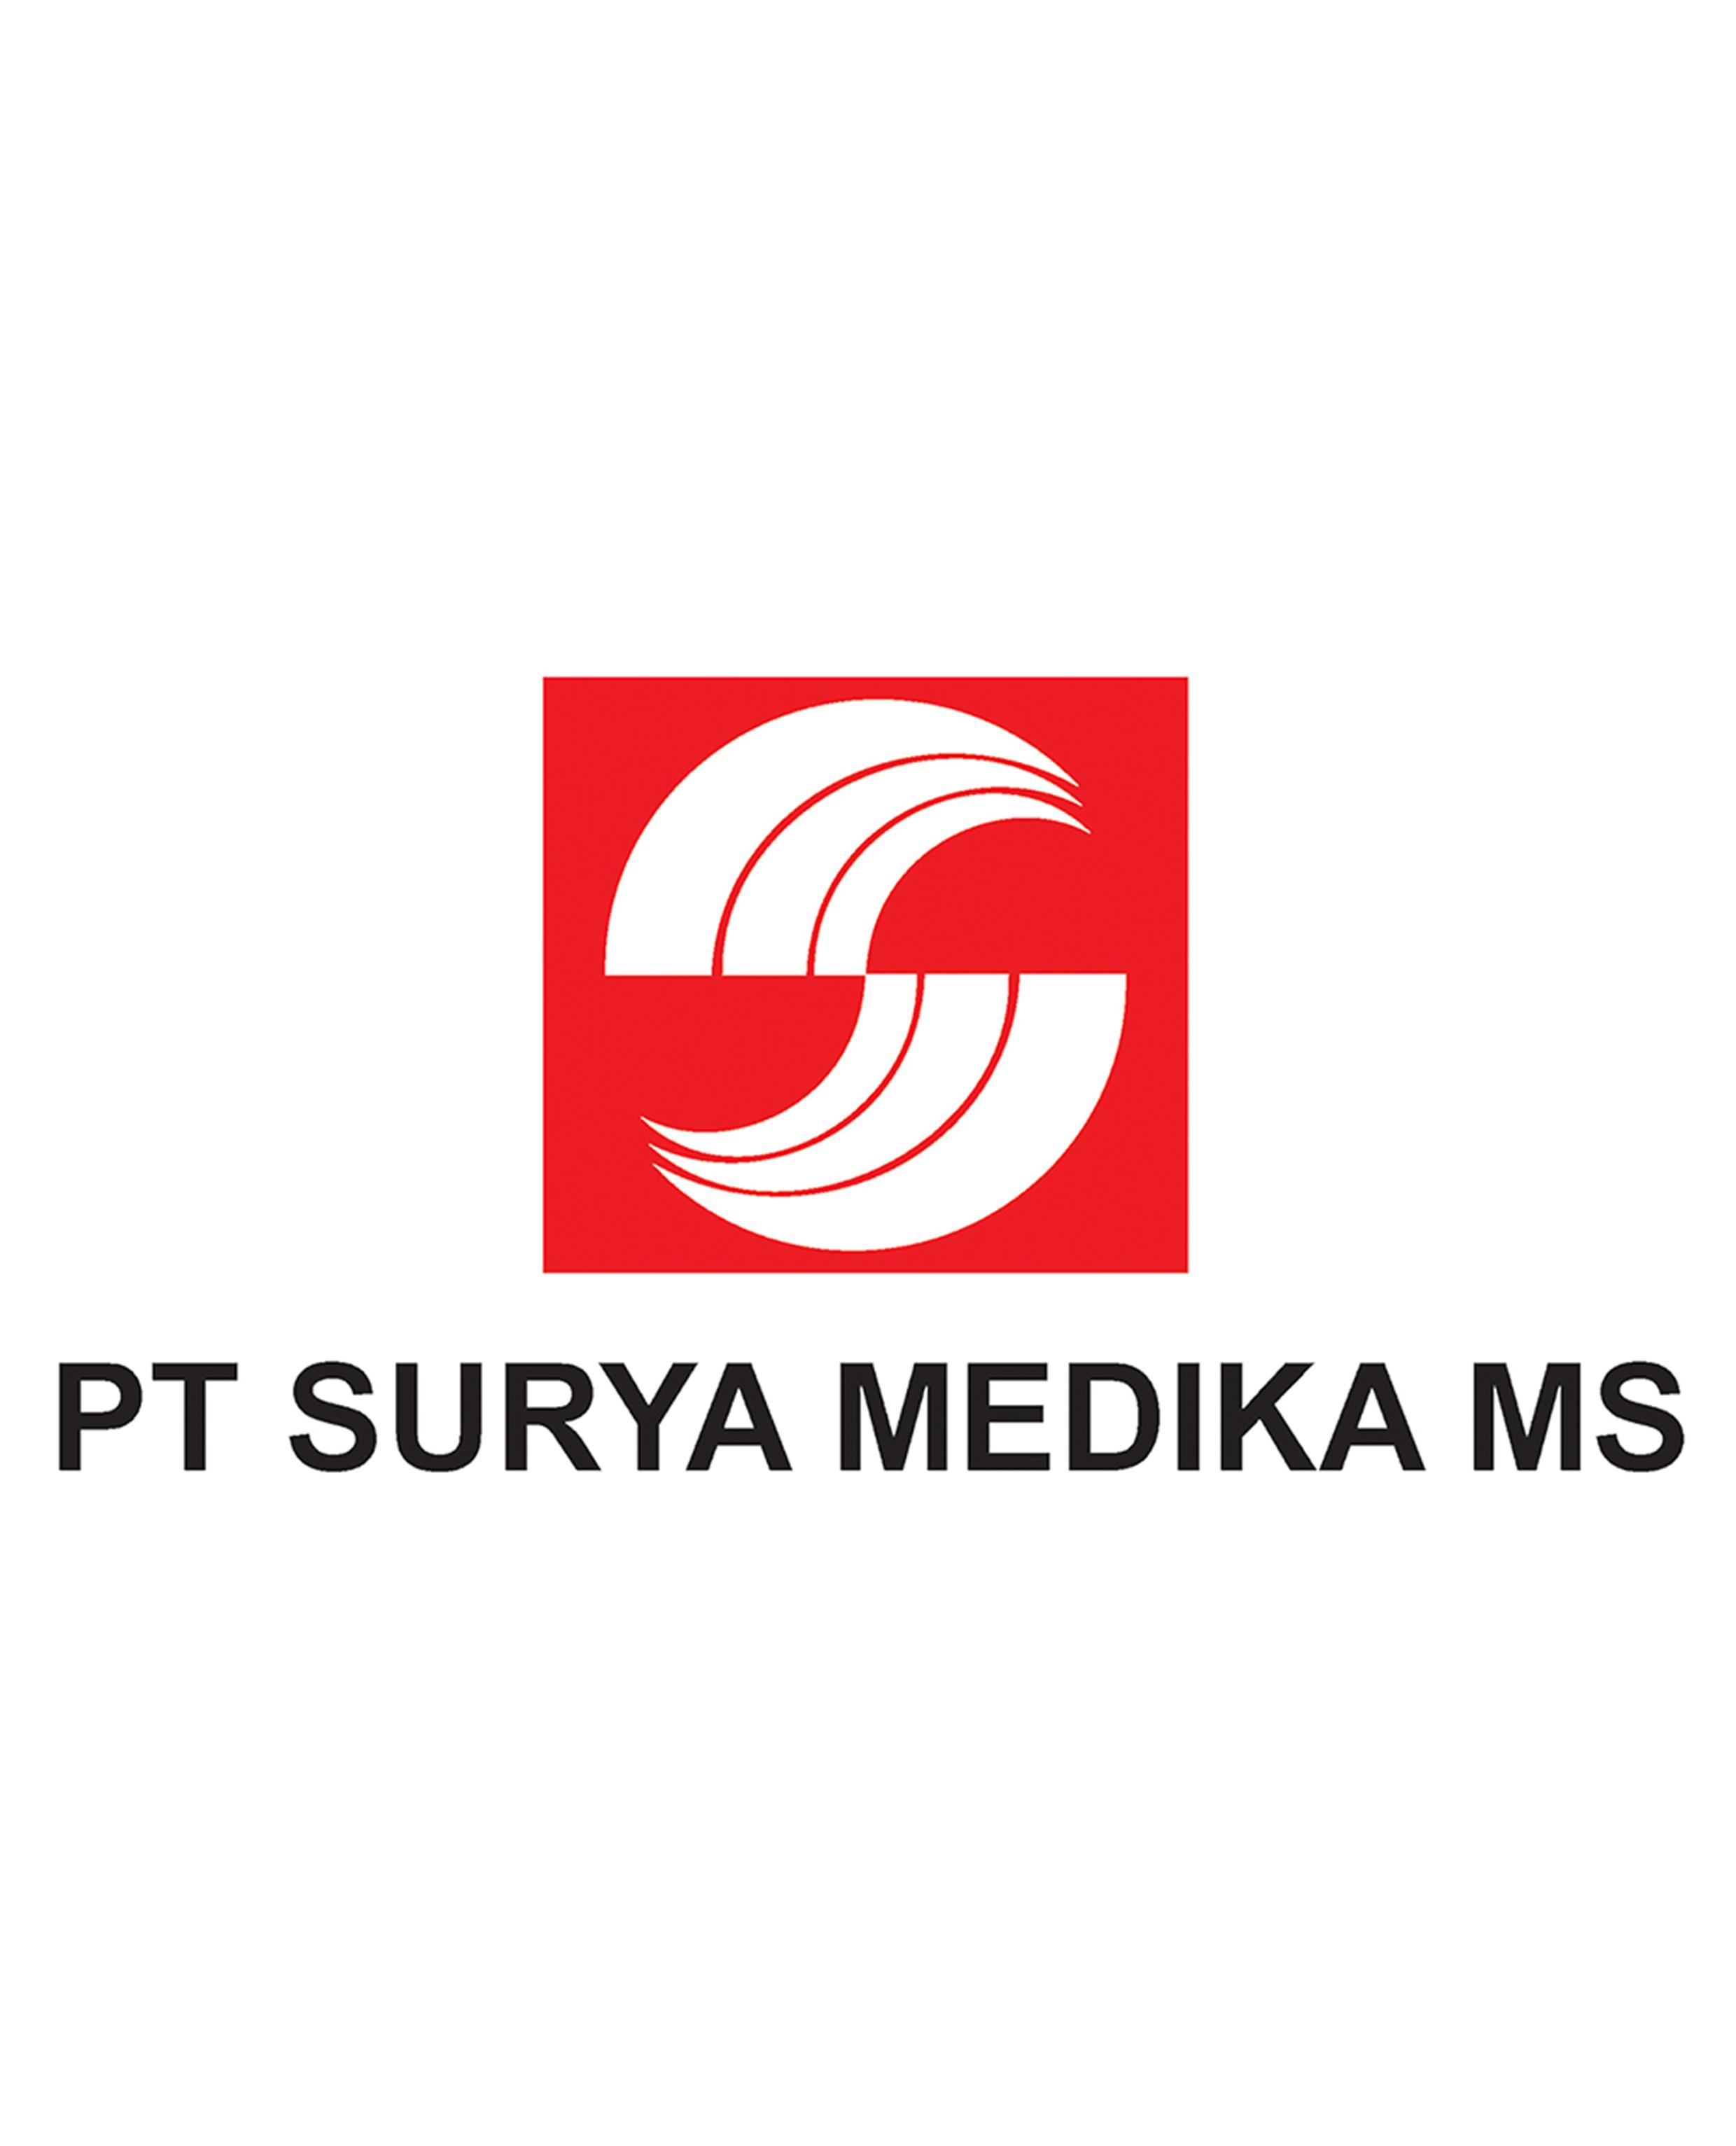 Logo Surya Medika Ms